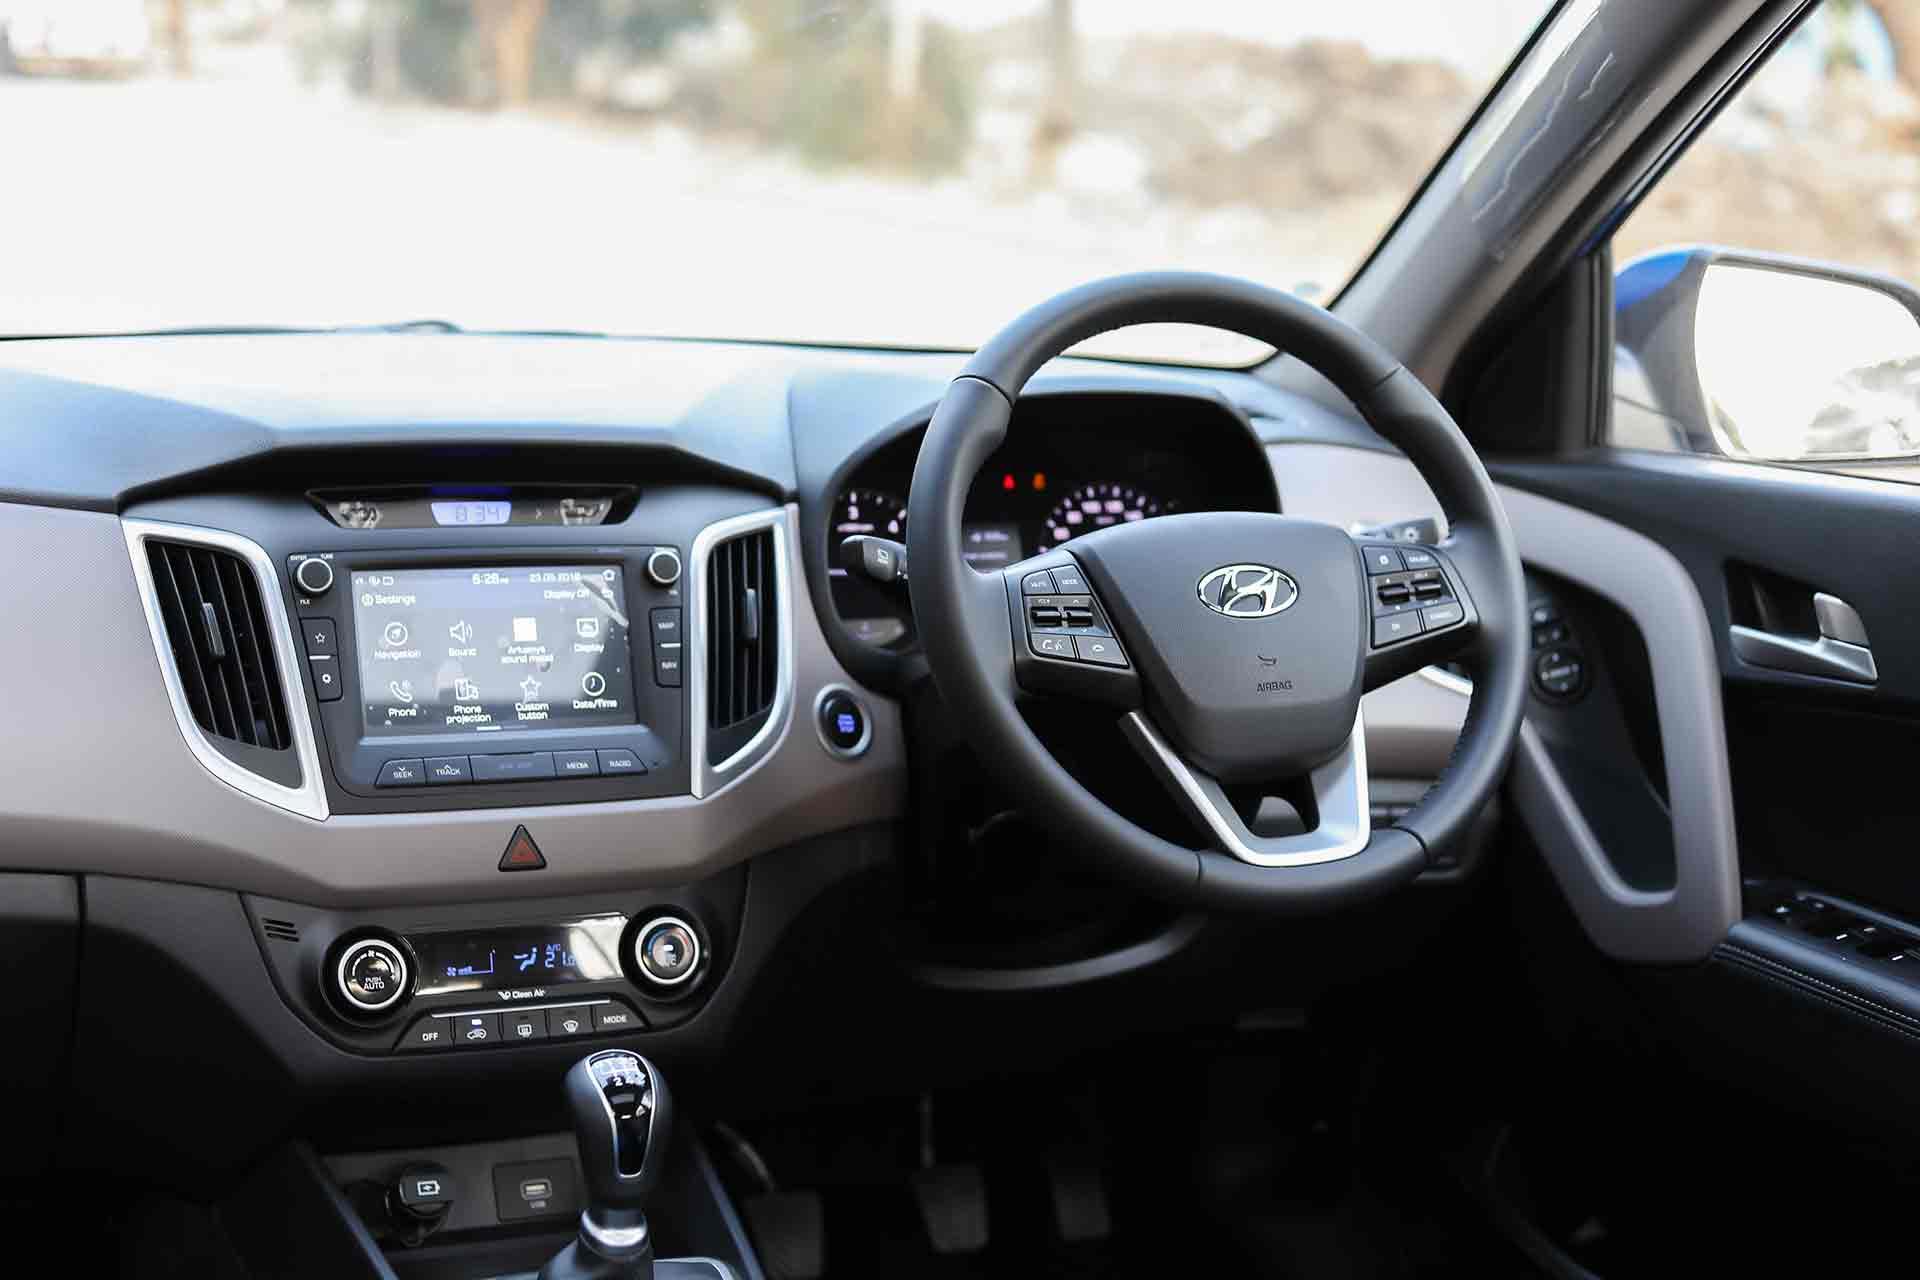 2018 Hyundai Creta Interior Review